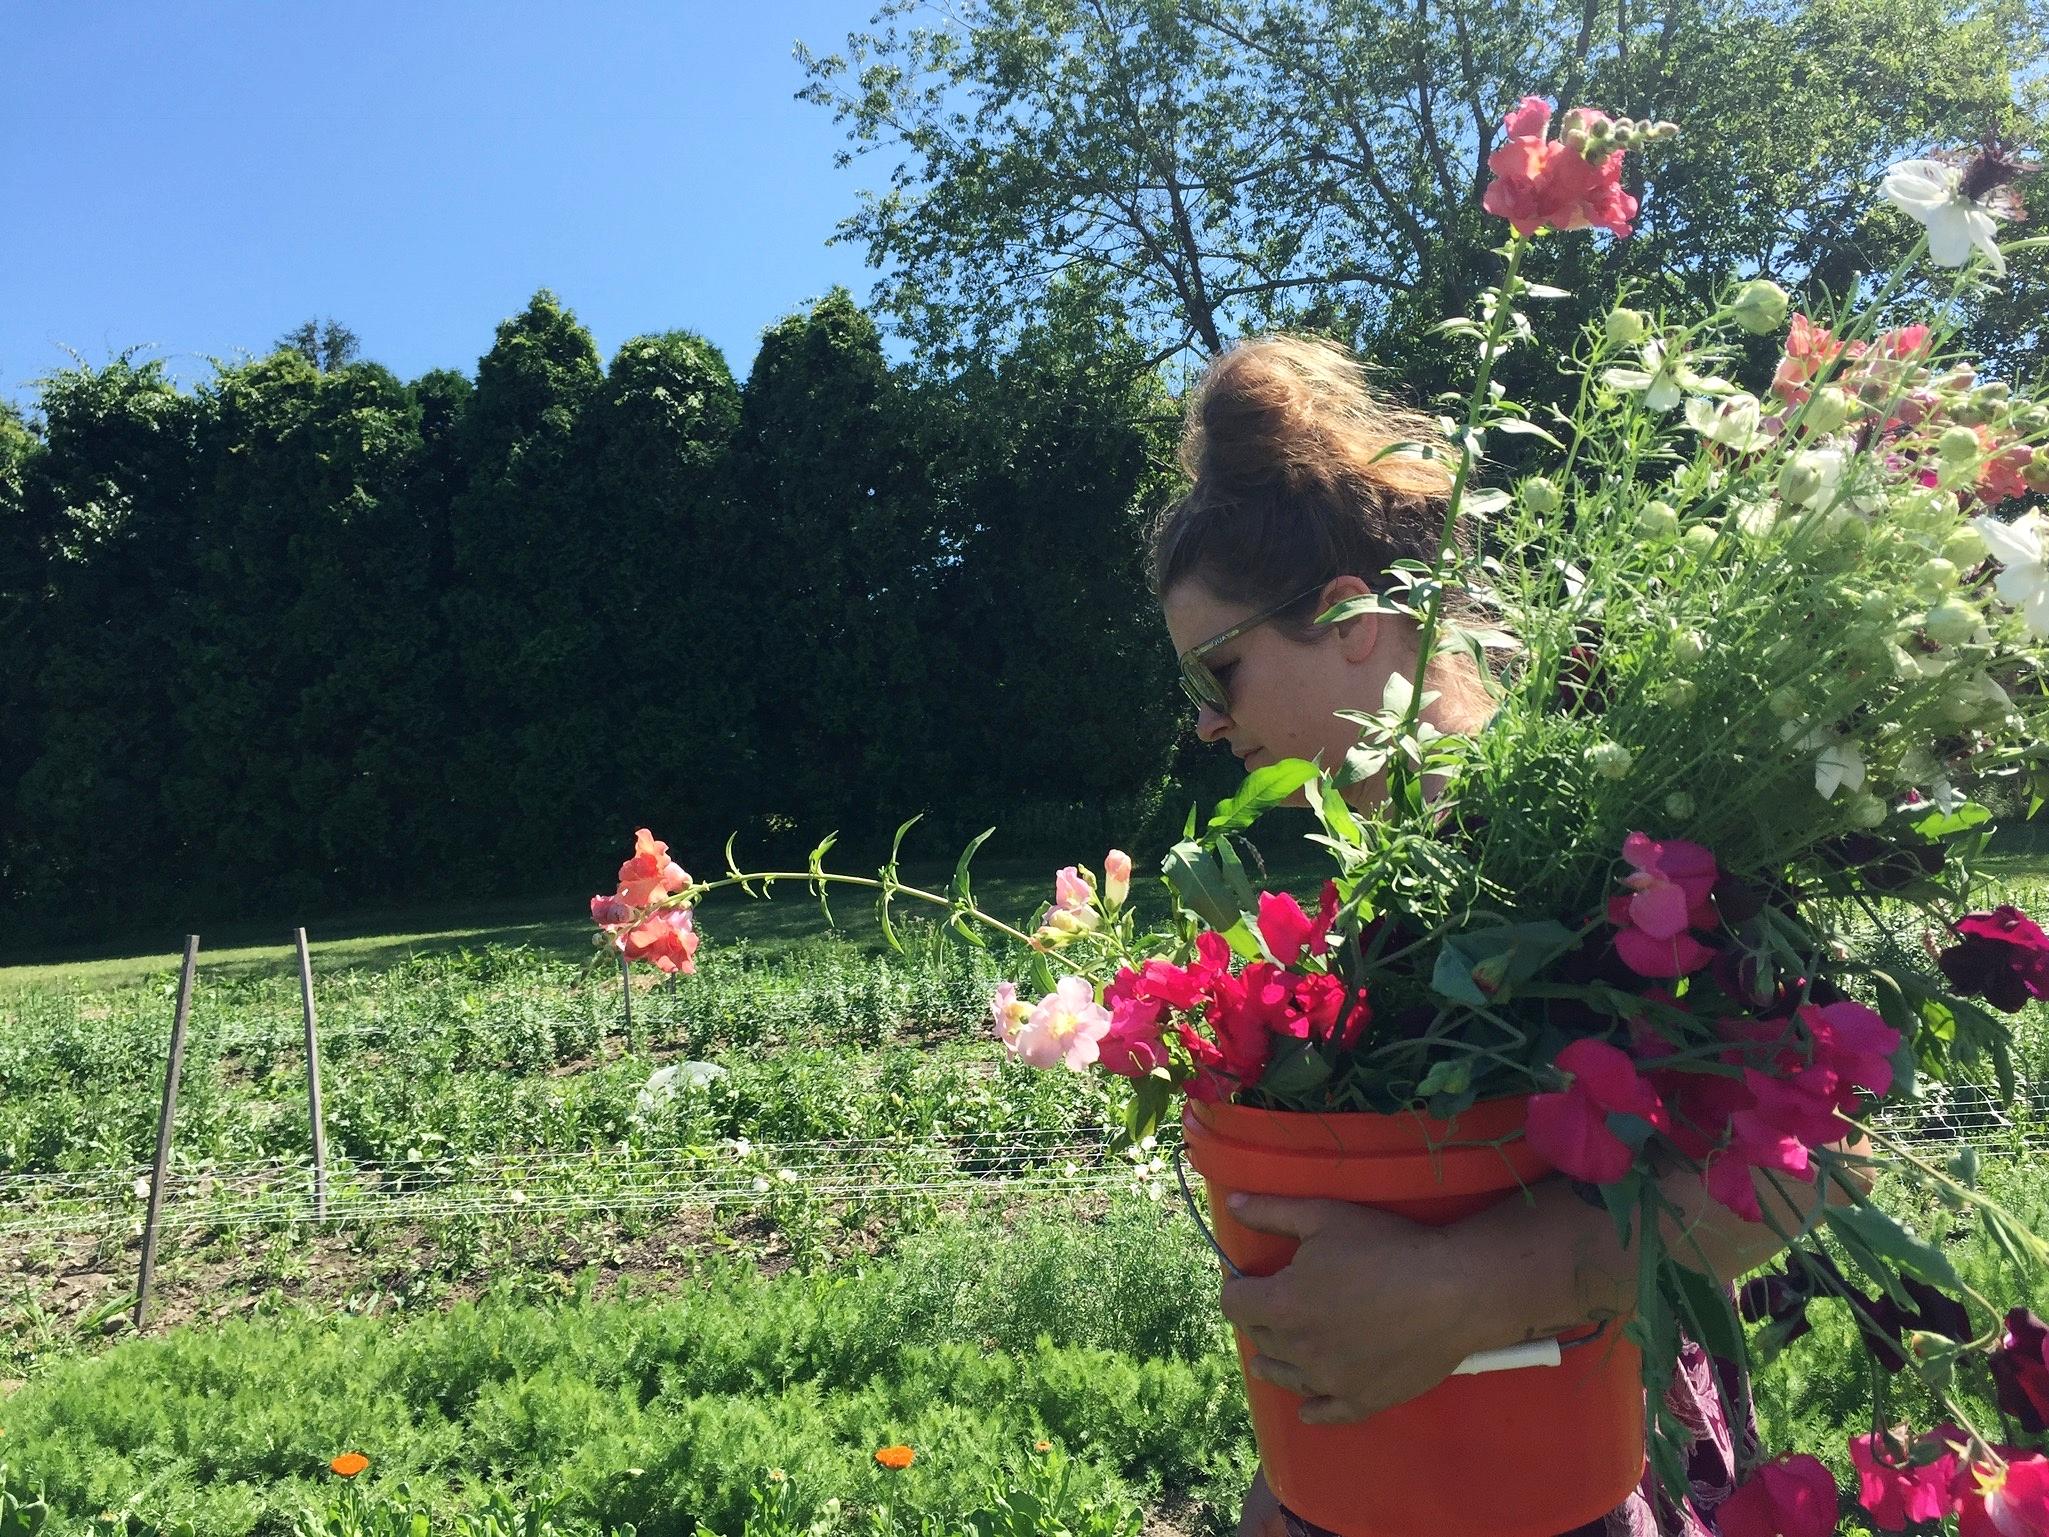 Anna Jane Kocon, owner of Little State Flower Farm